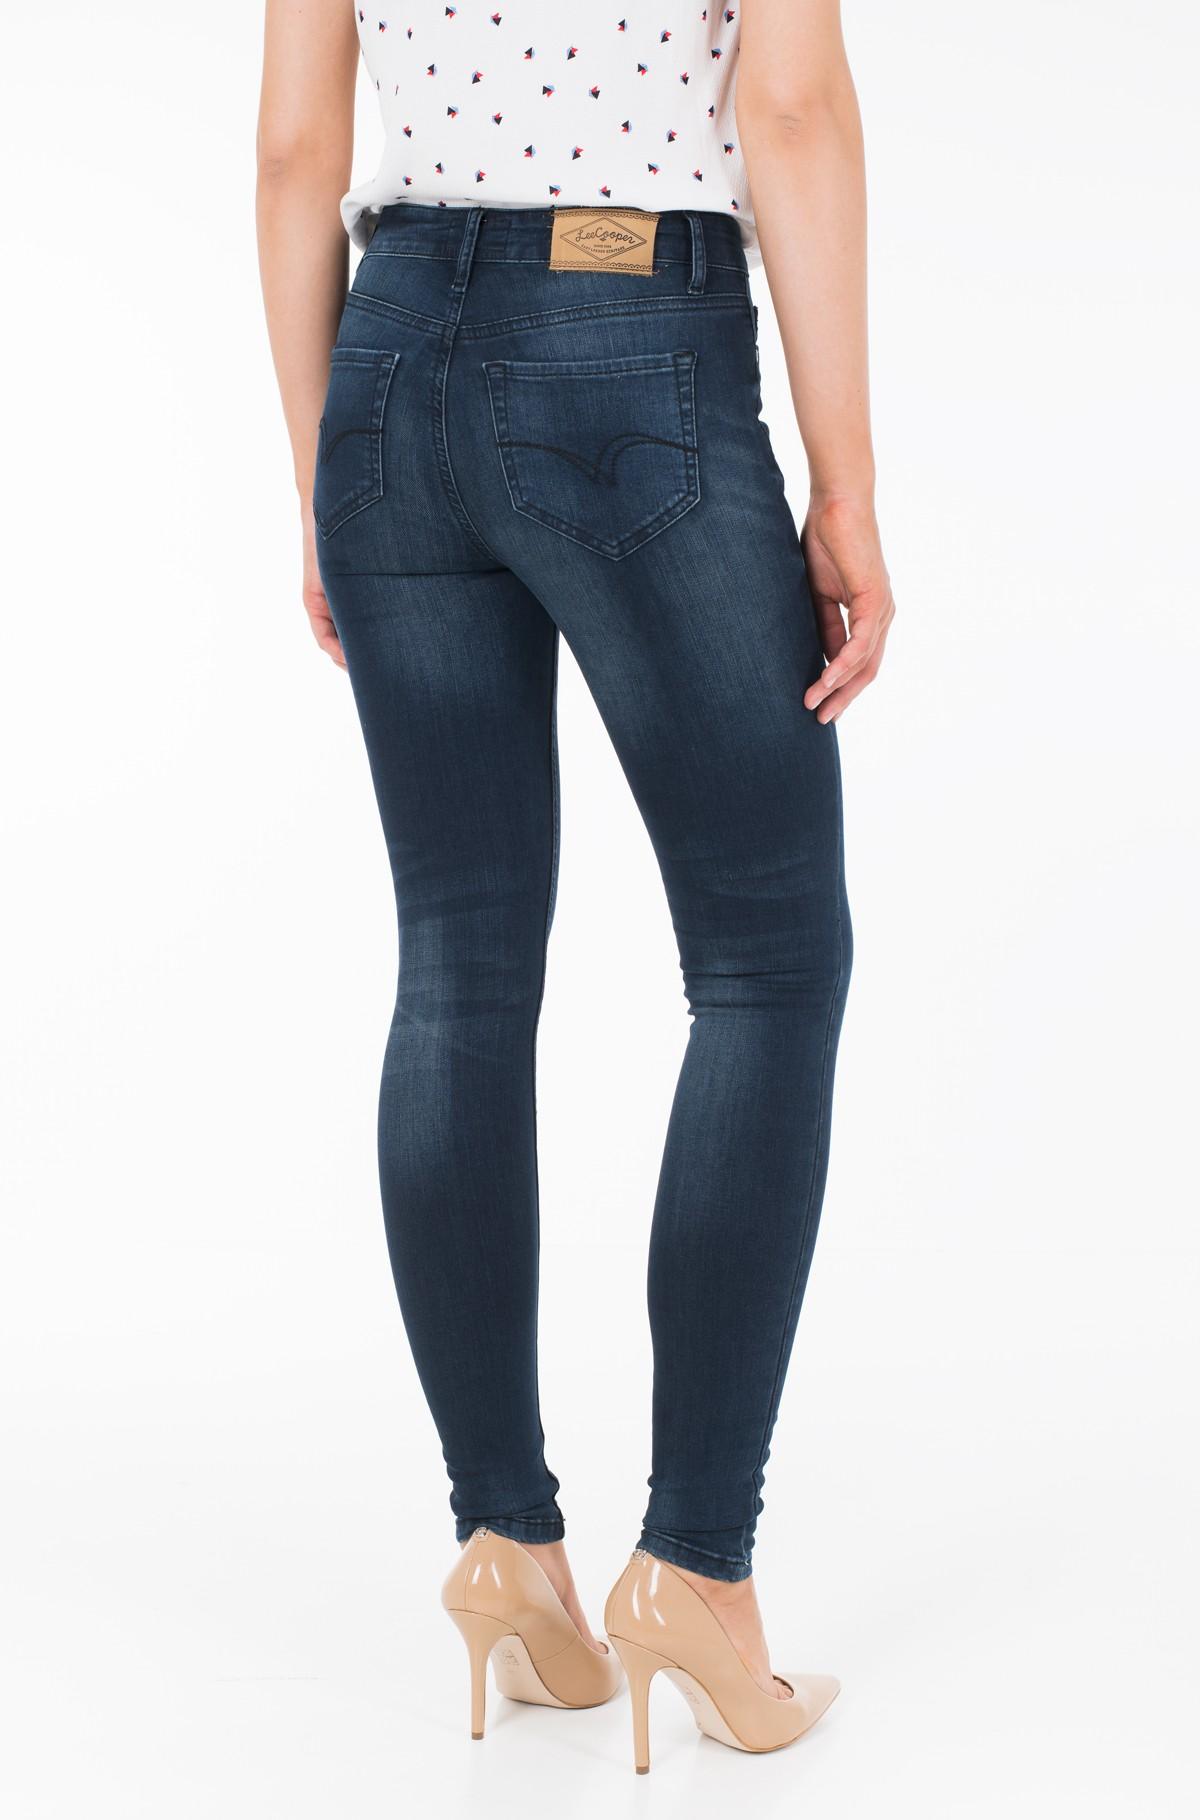 Jeans SCARLET 1717-full-2